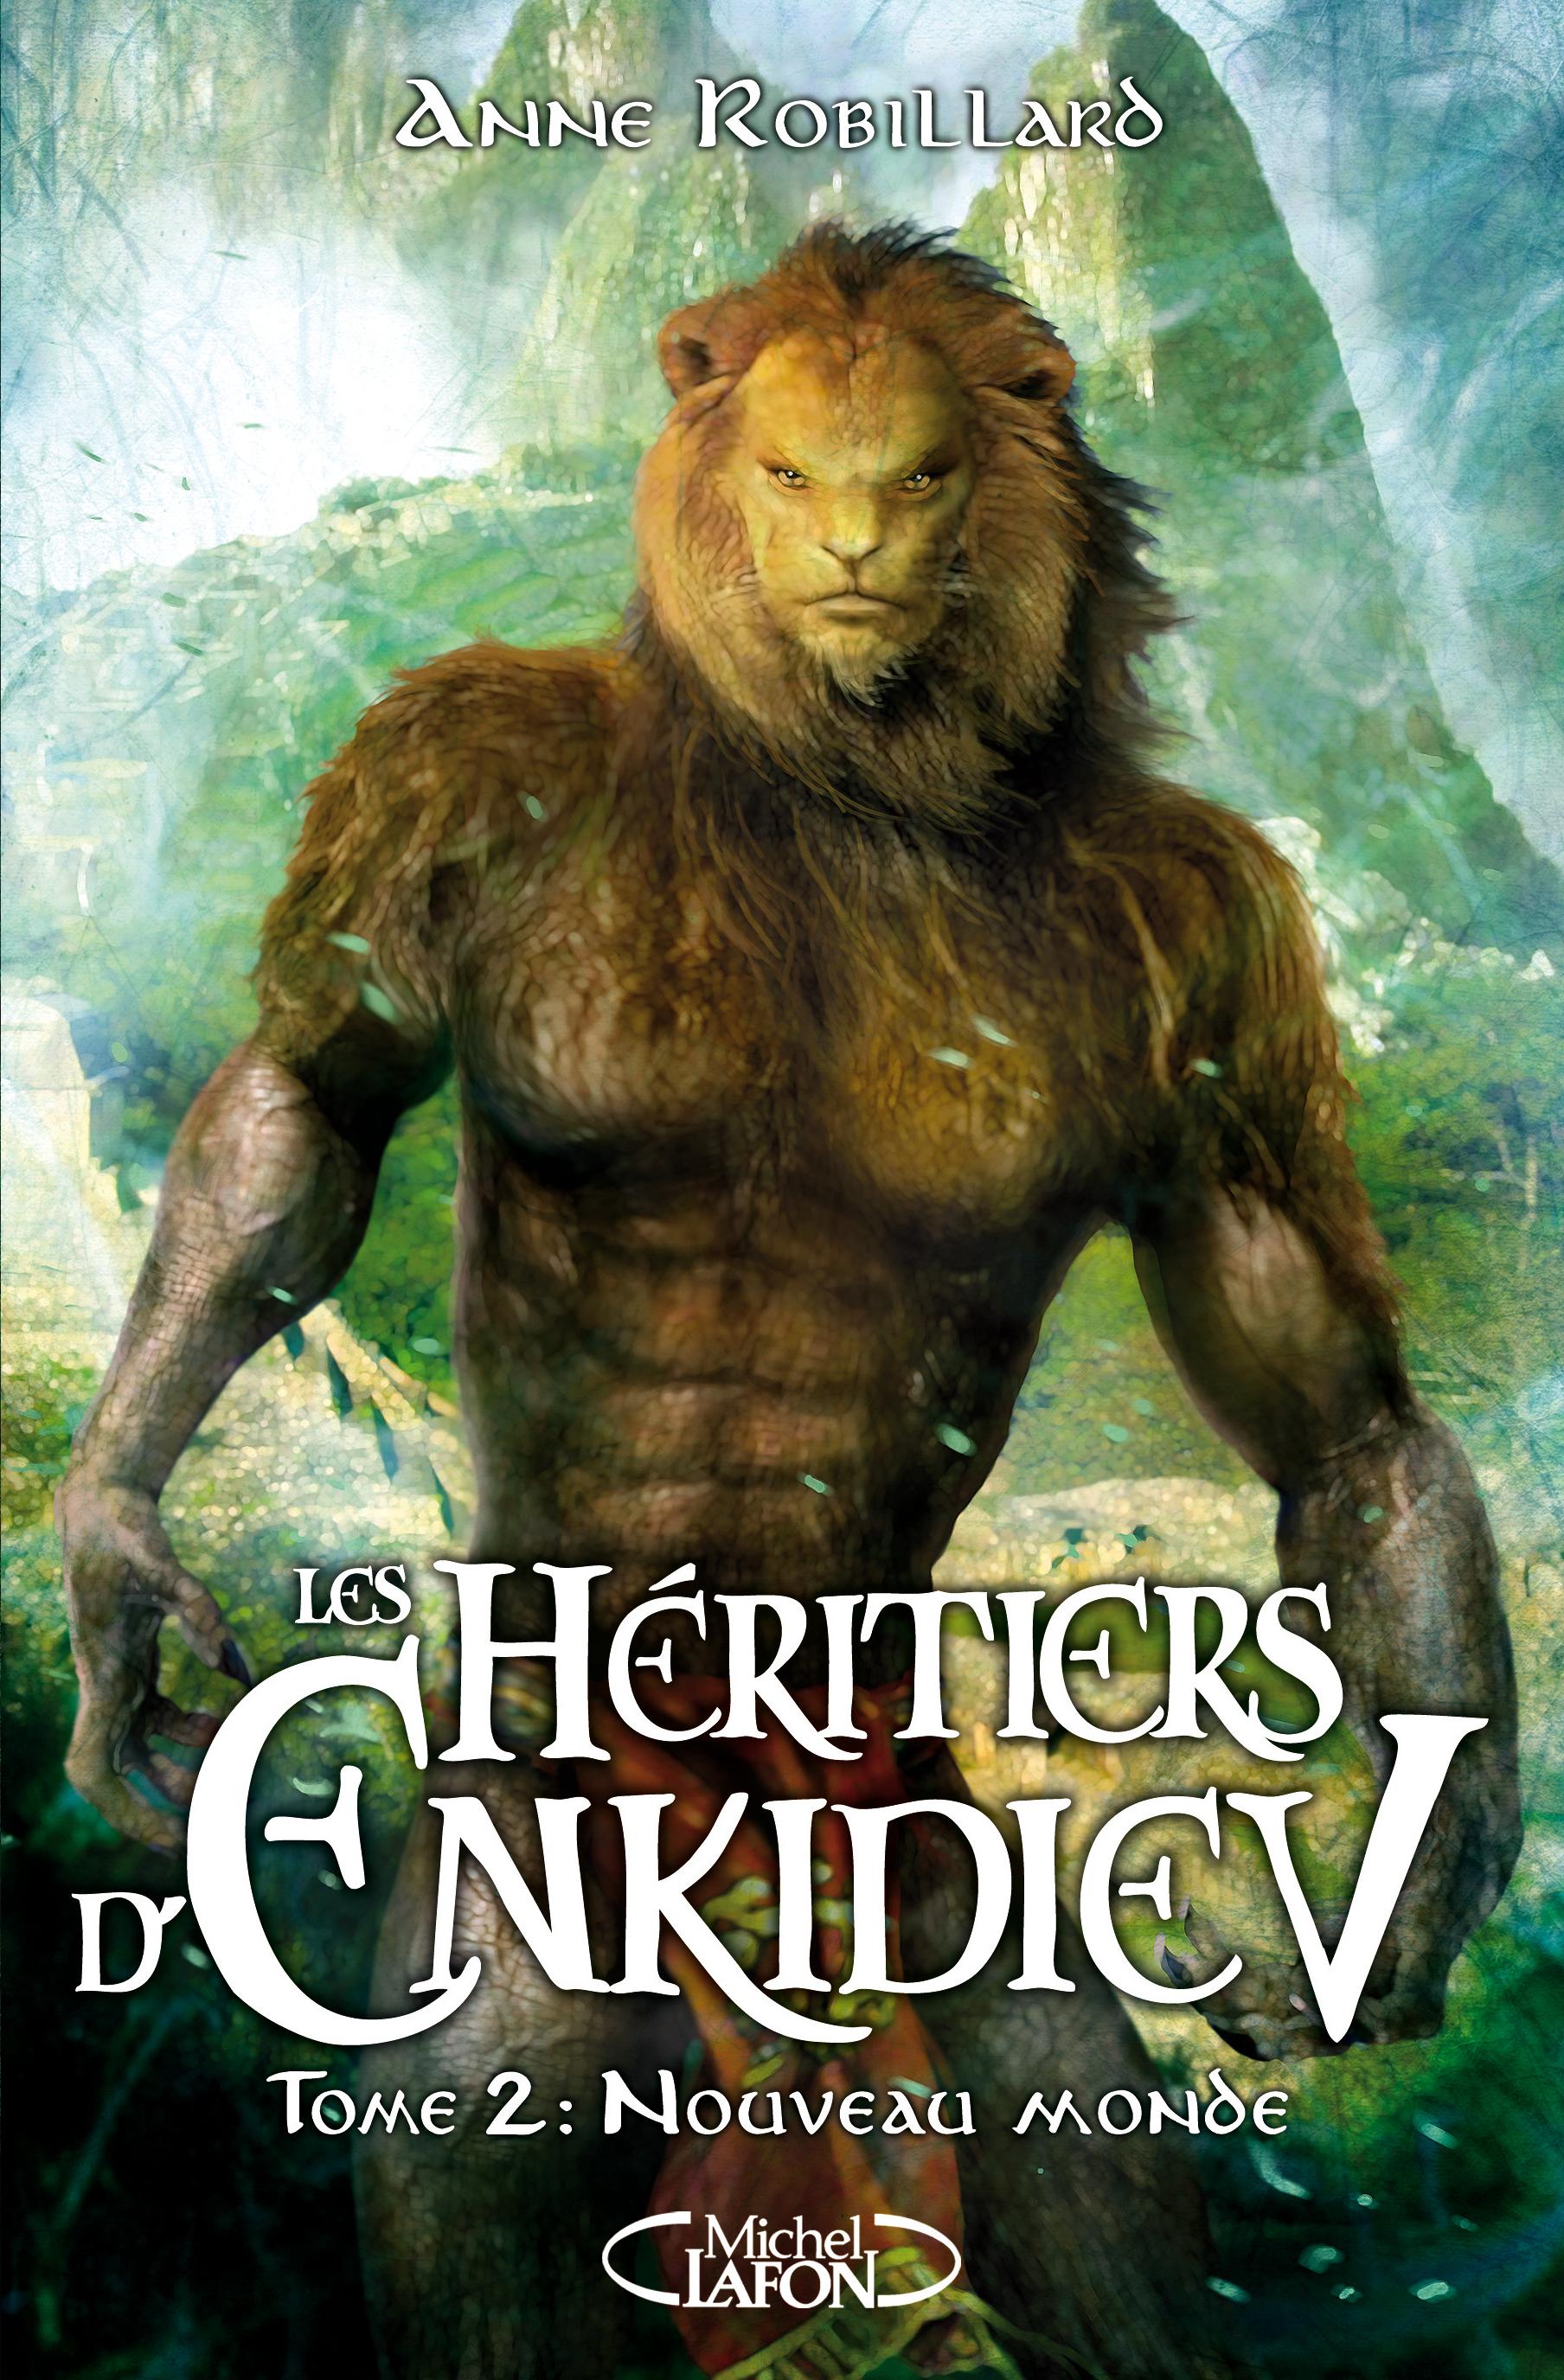 Les héritiers d'Enkidiev – tome 2